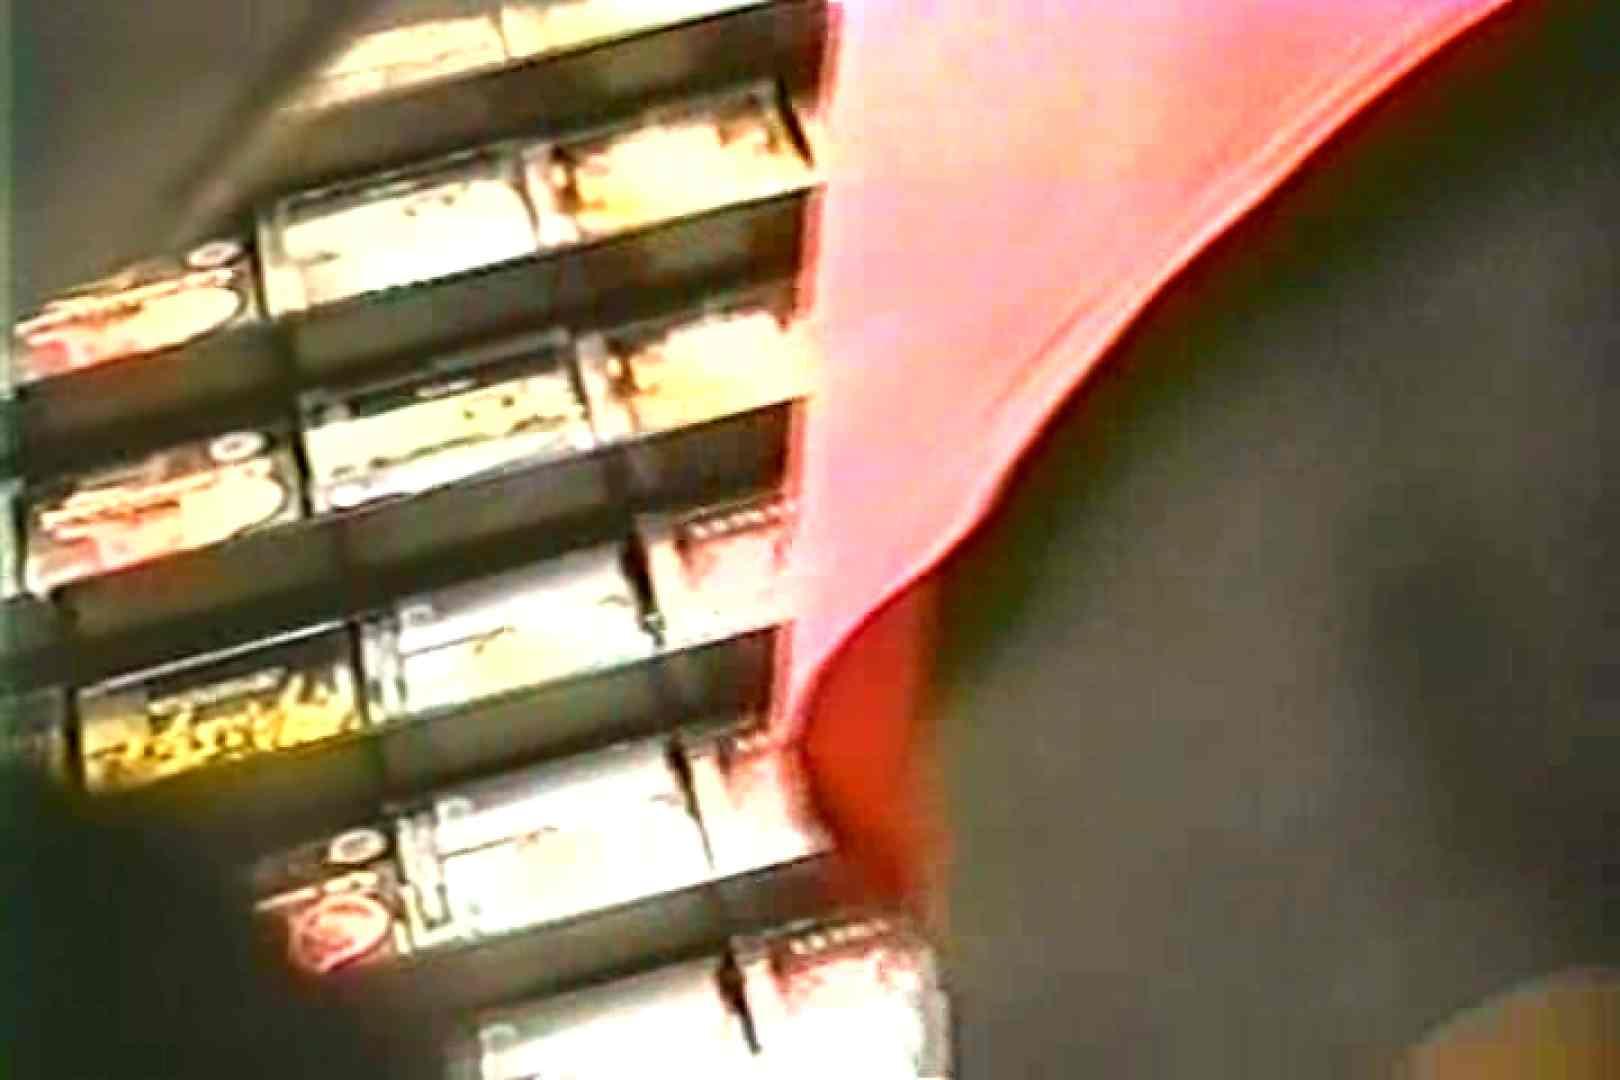 「ちくりん」さんのオリジナル未編集パンチラVol.9_02 エロティックなOL AV動画キャプチャ 95画像 44